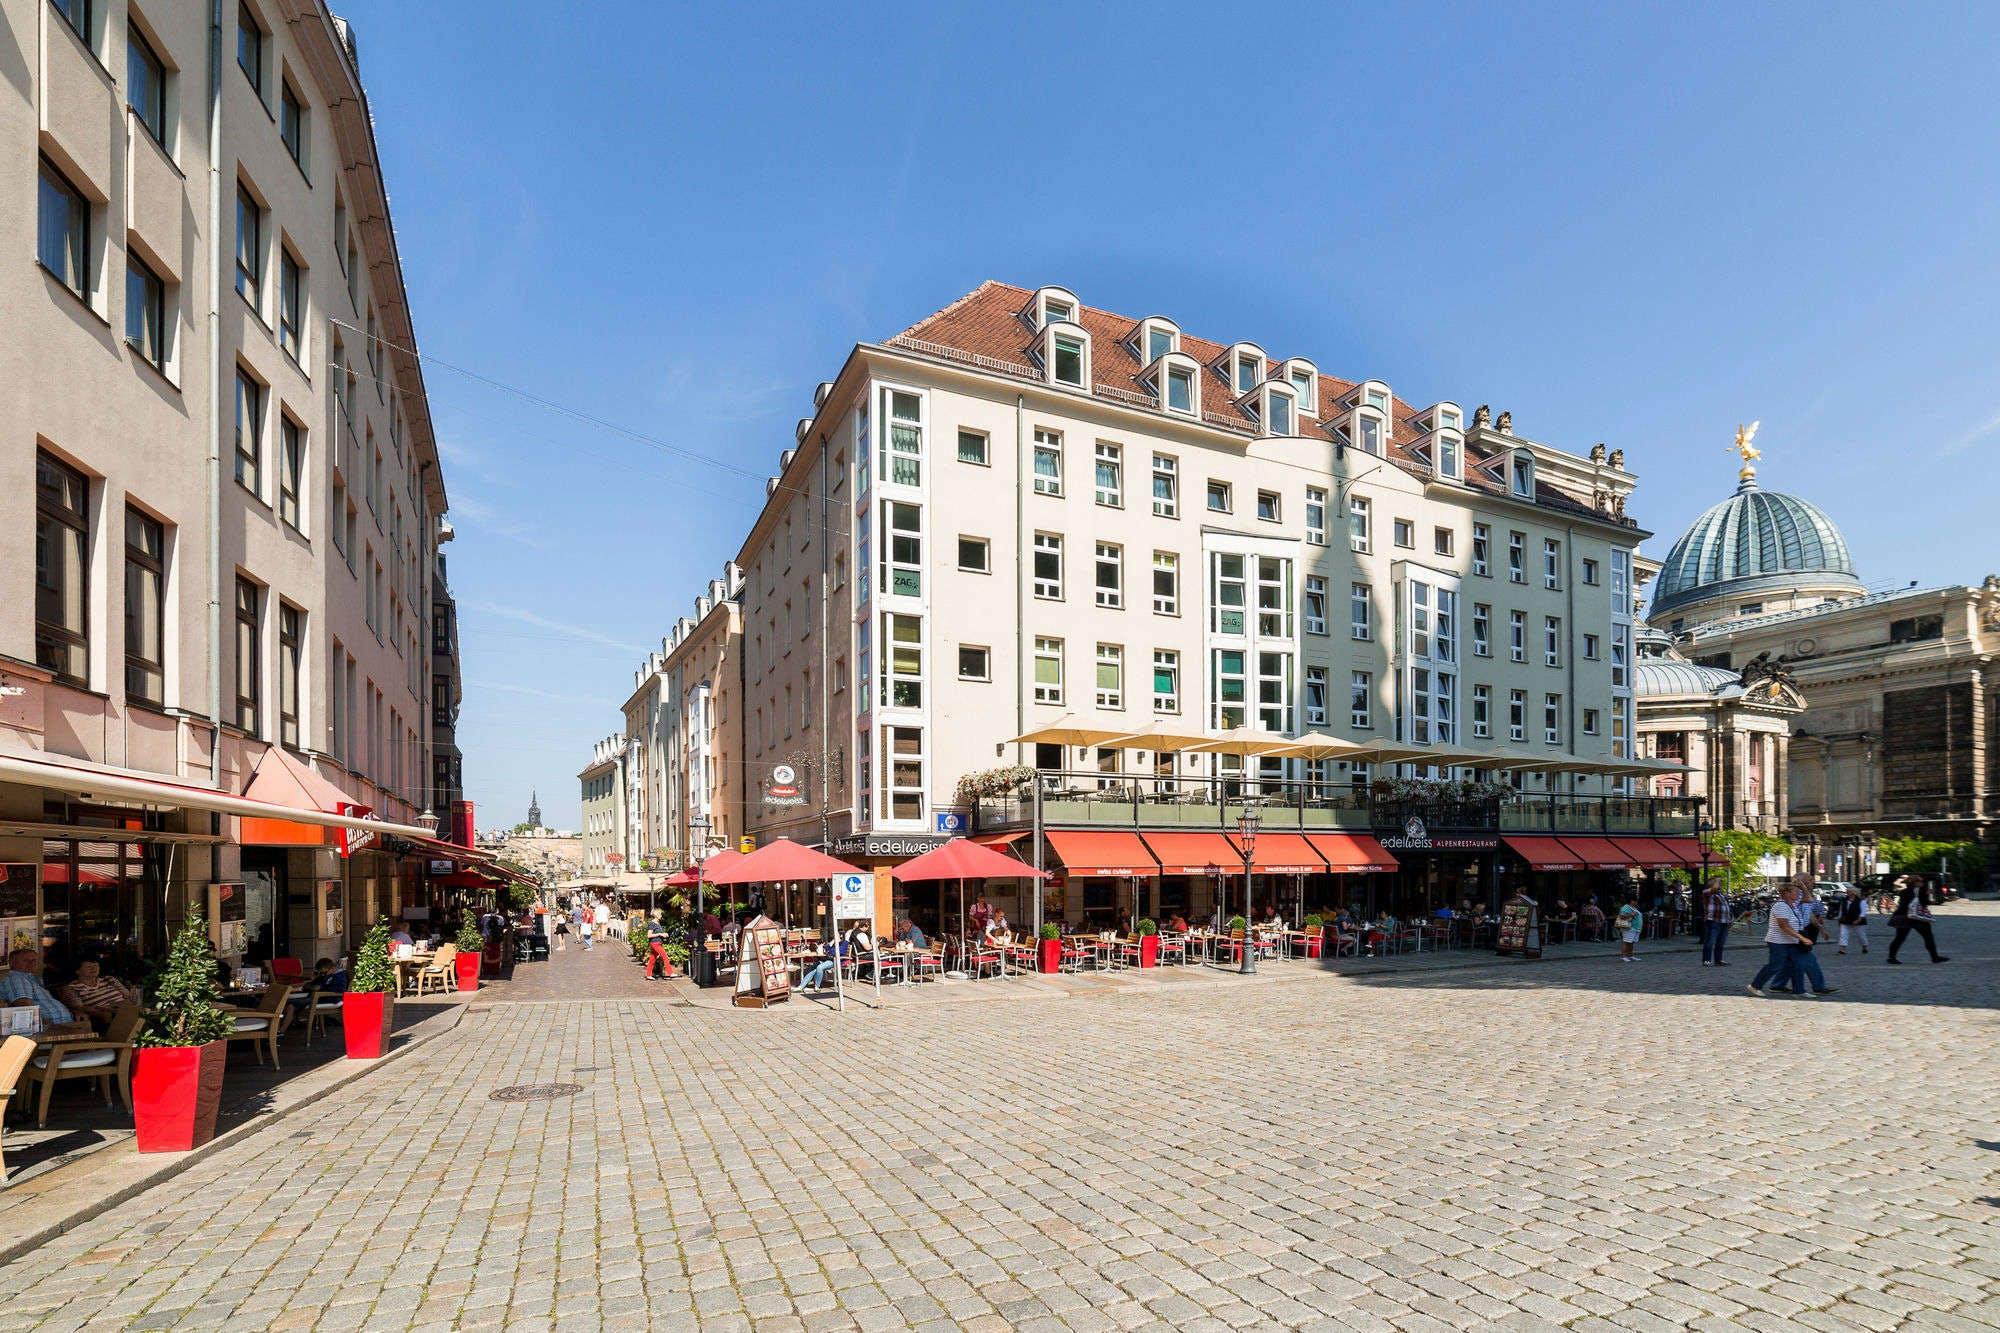 Mini Kühlschrank Dresden : Adler hotel dresden deutschland dresden booking